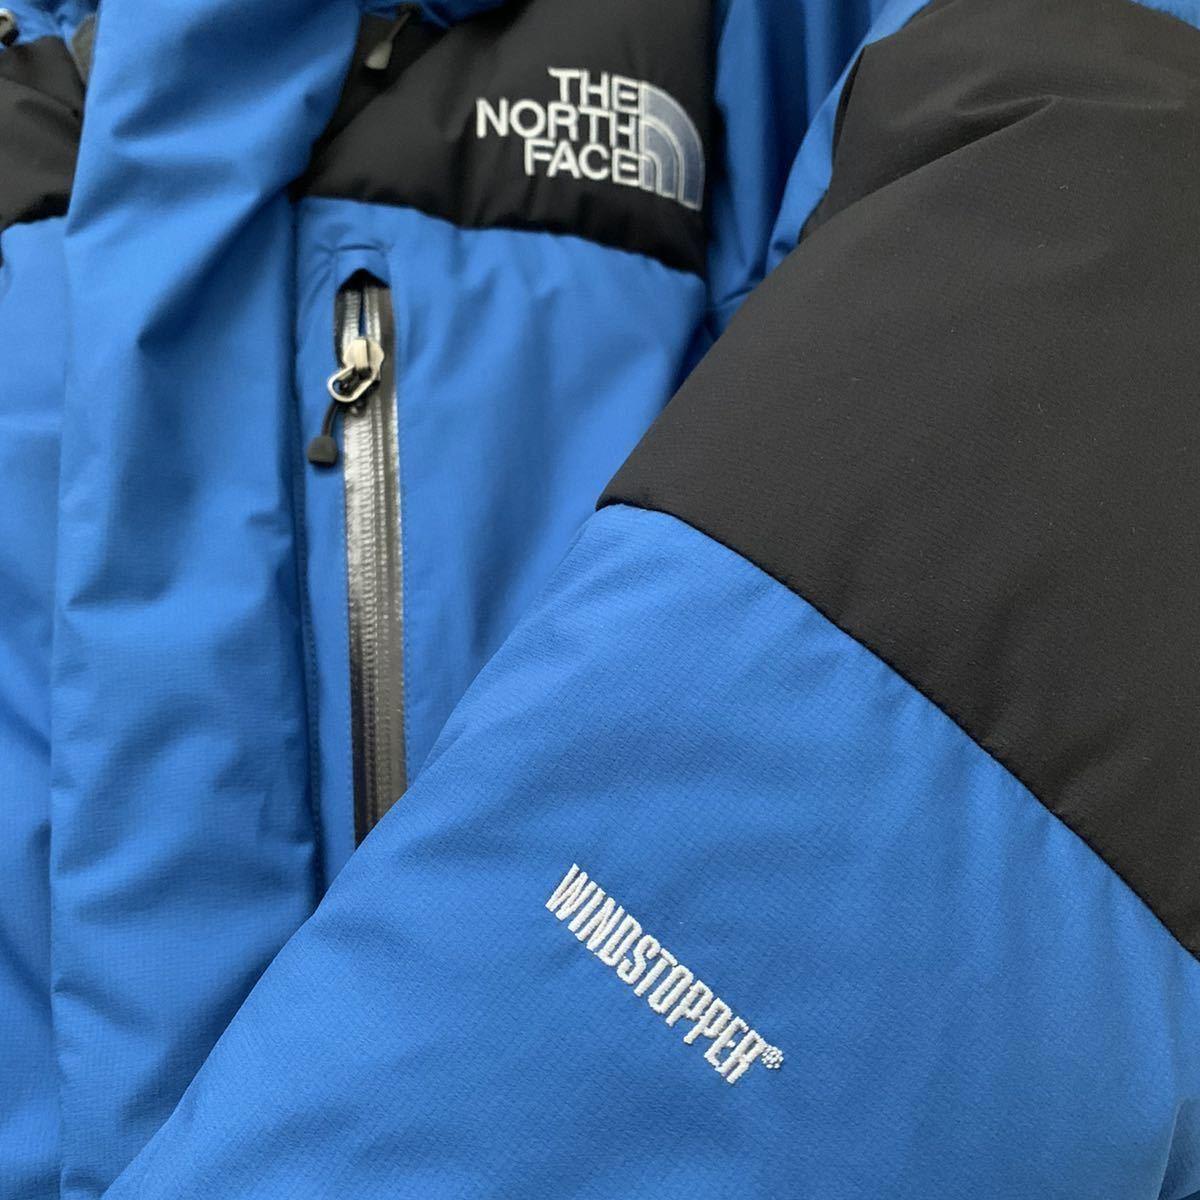 廃盤カラー M THE NORTH FACE Baltro LIGHT JACKET Blue ブルー ノースフェイス バルトロ nuptse ヌプシ ダウン ジャケット 1996 1994_画像2